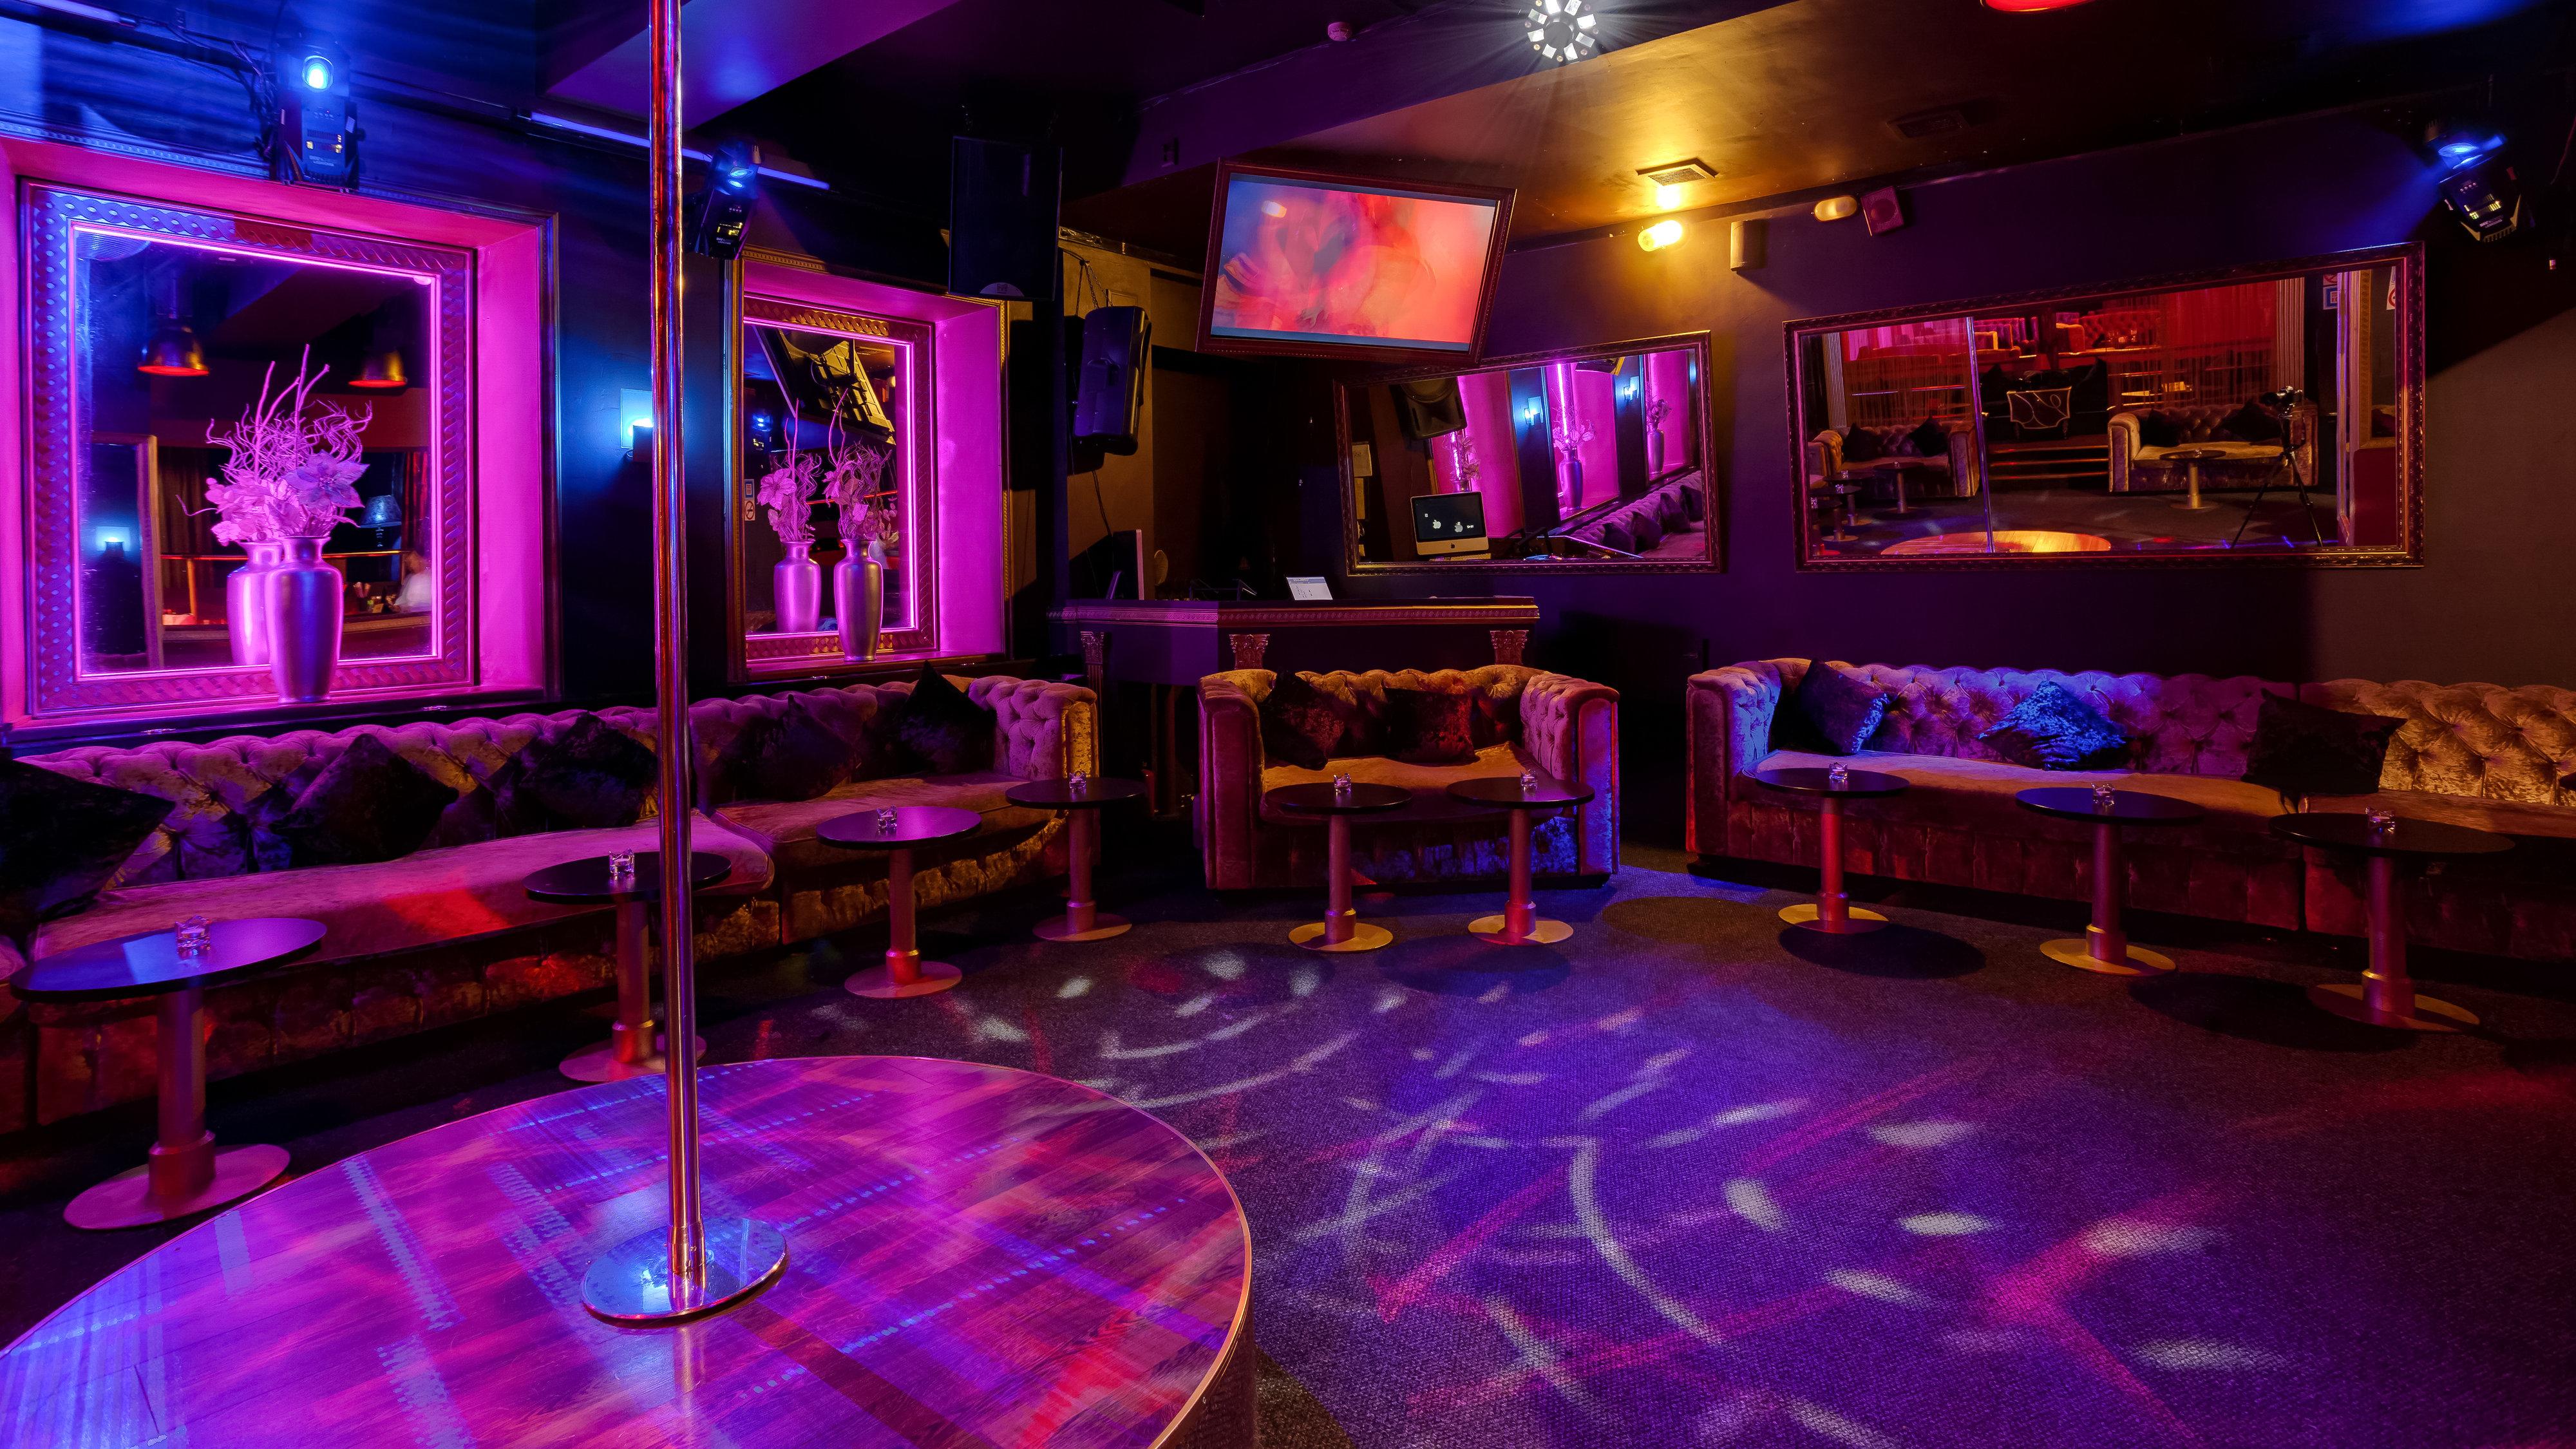 Ночные клубы китай город москва лед клуб ночной